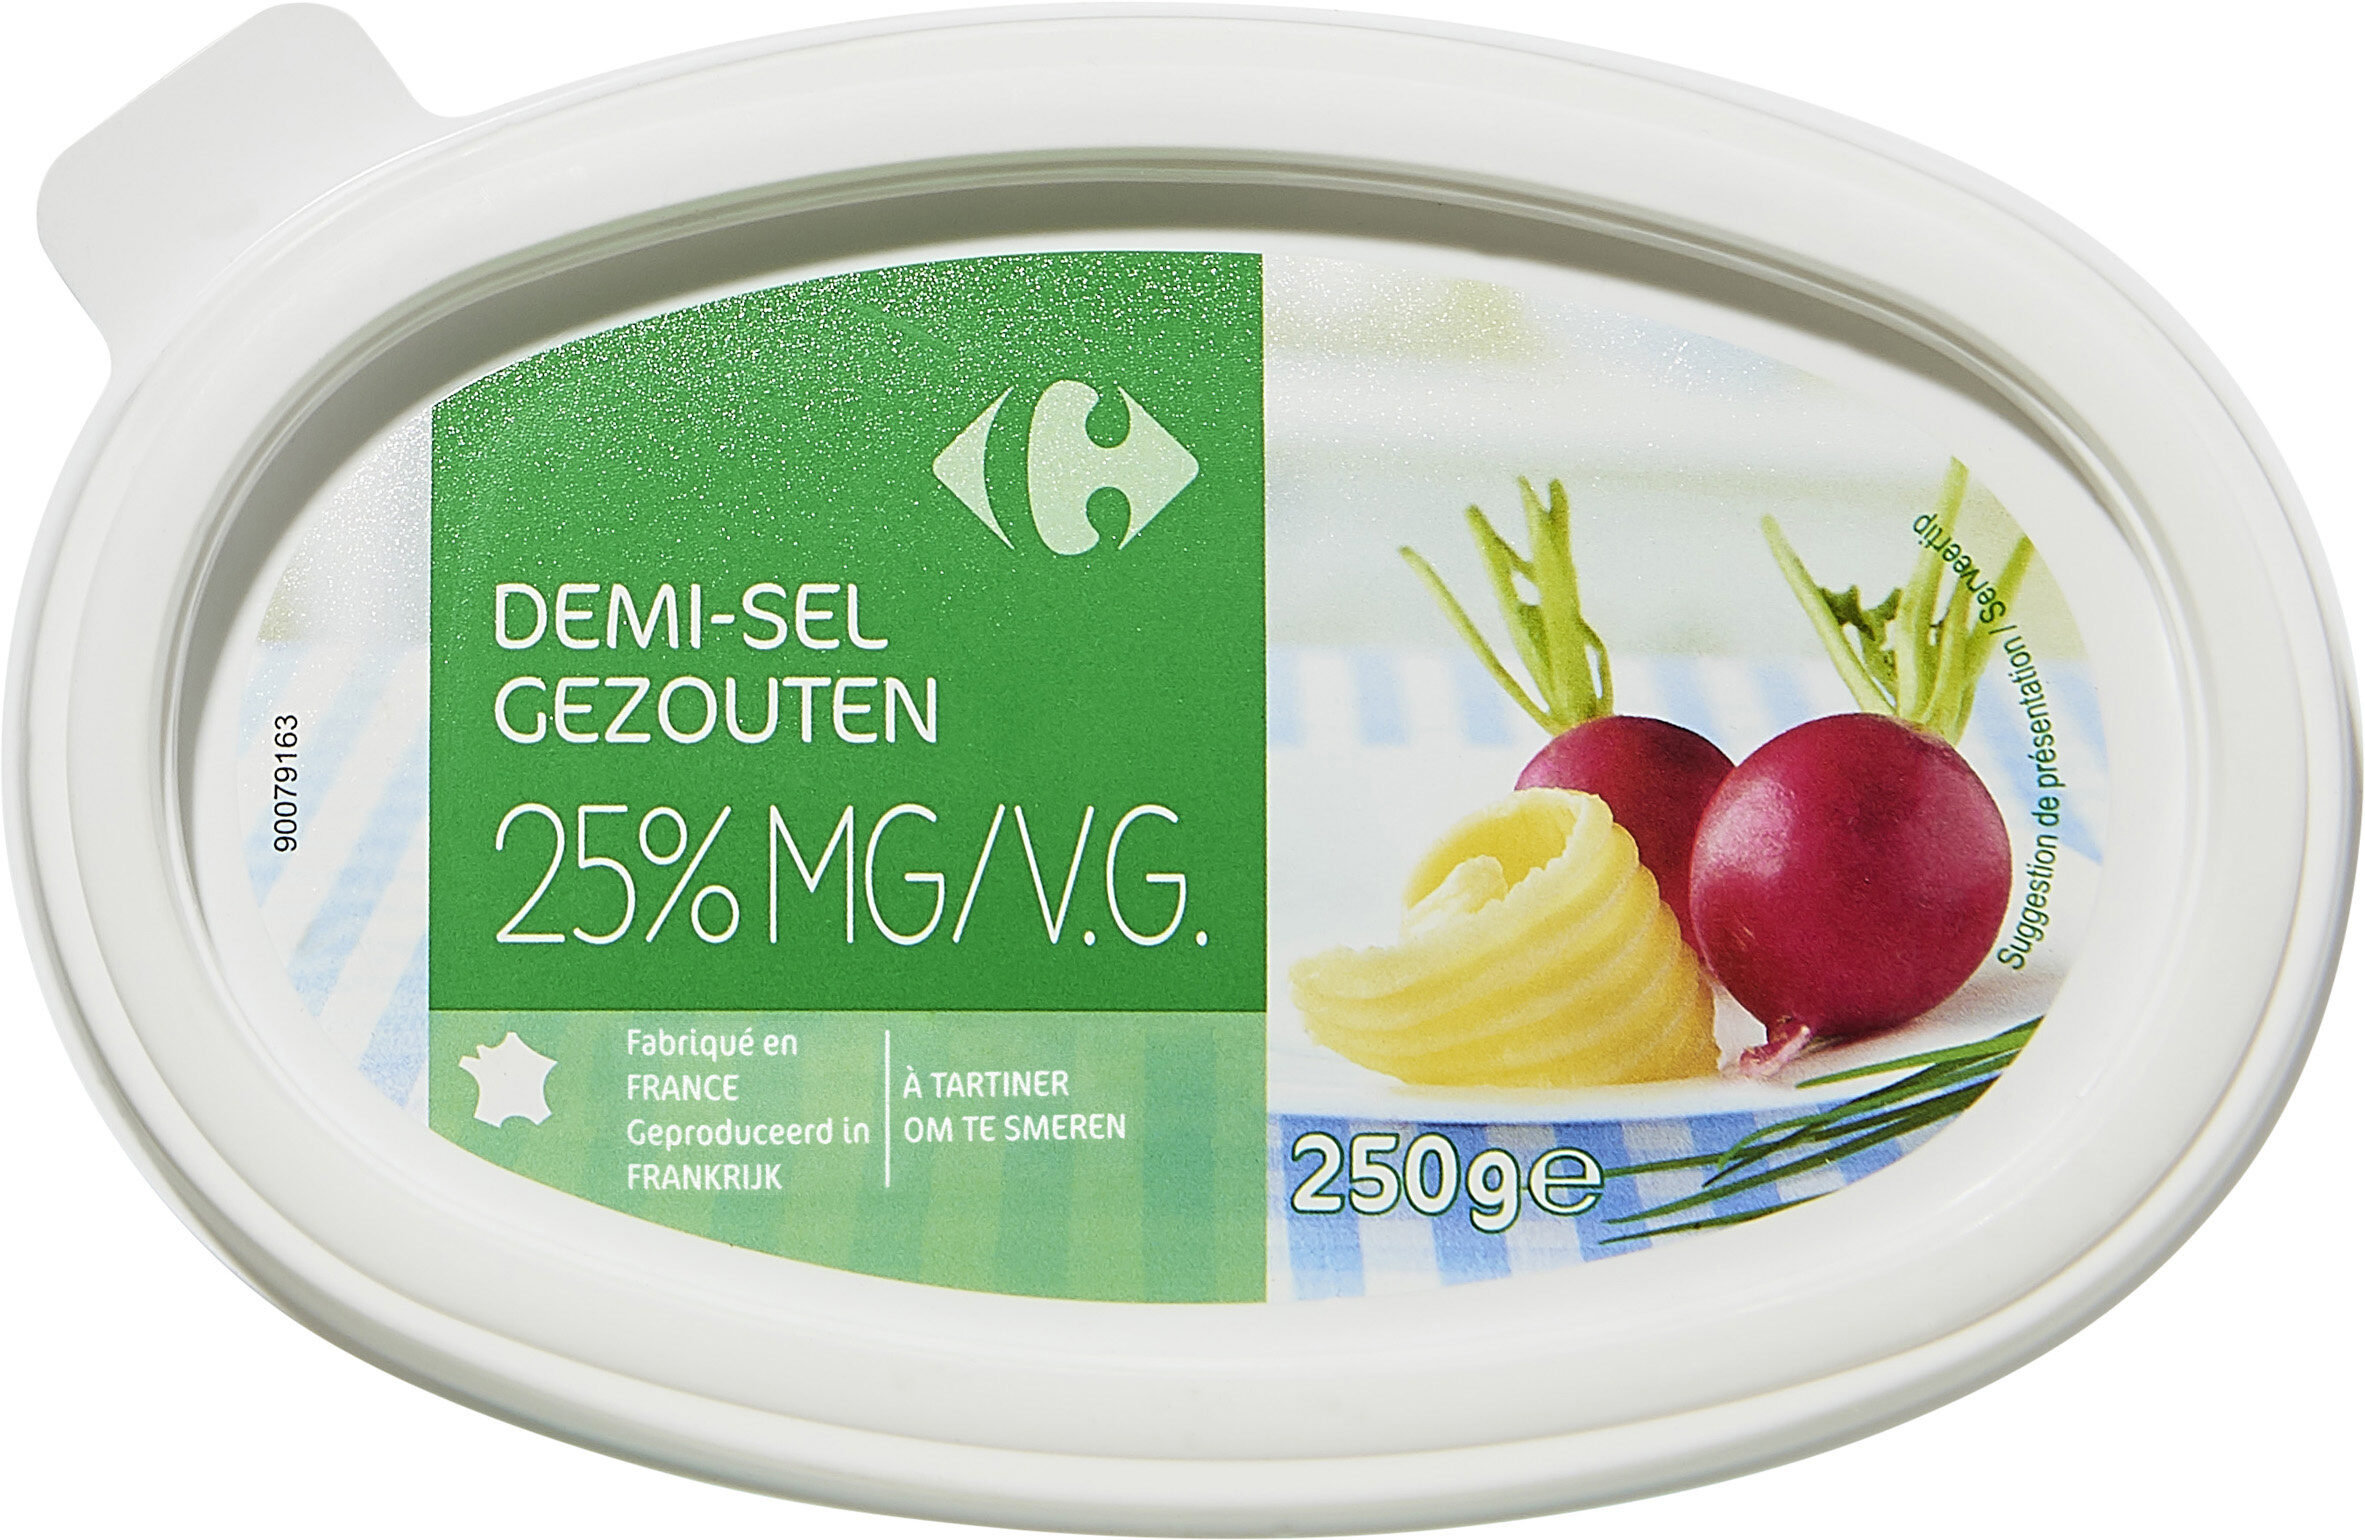 Demi-sel 25% mg - Product - fr